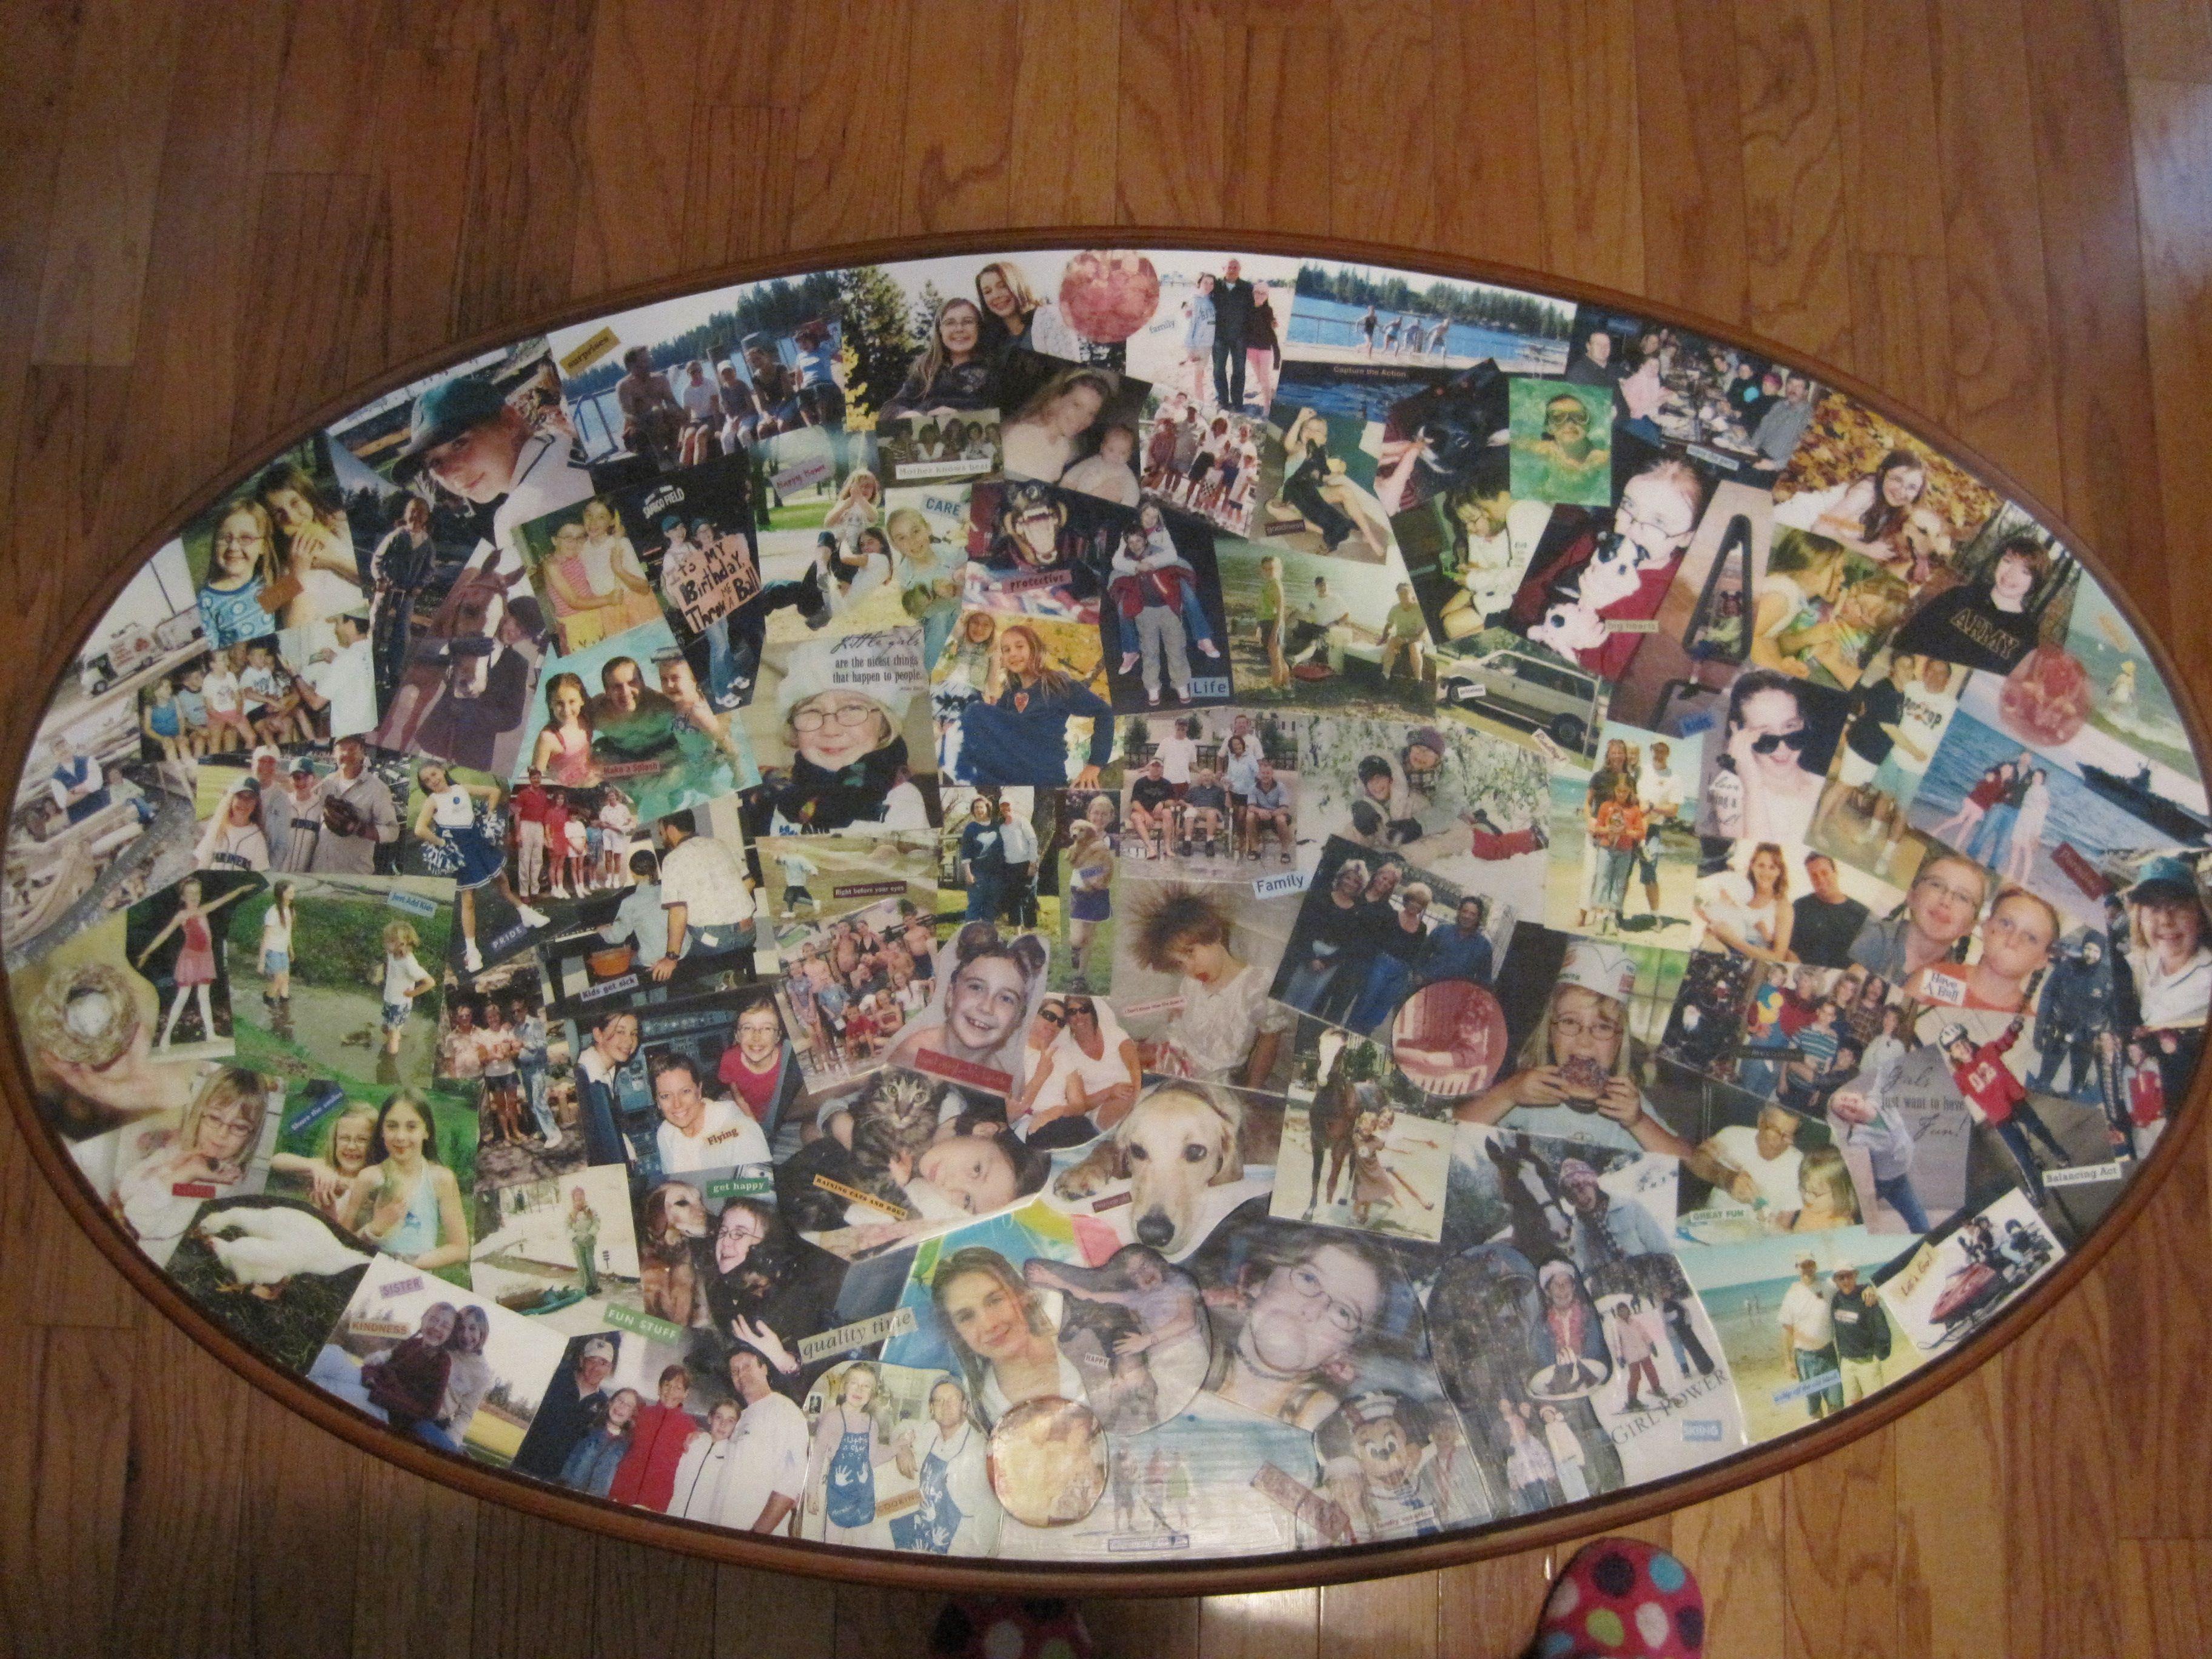 Photo Tabledecoupaged photos onto an old coffee table